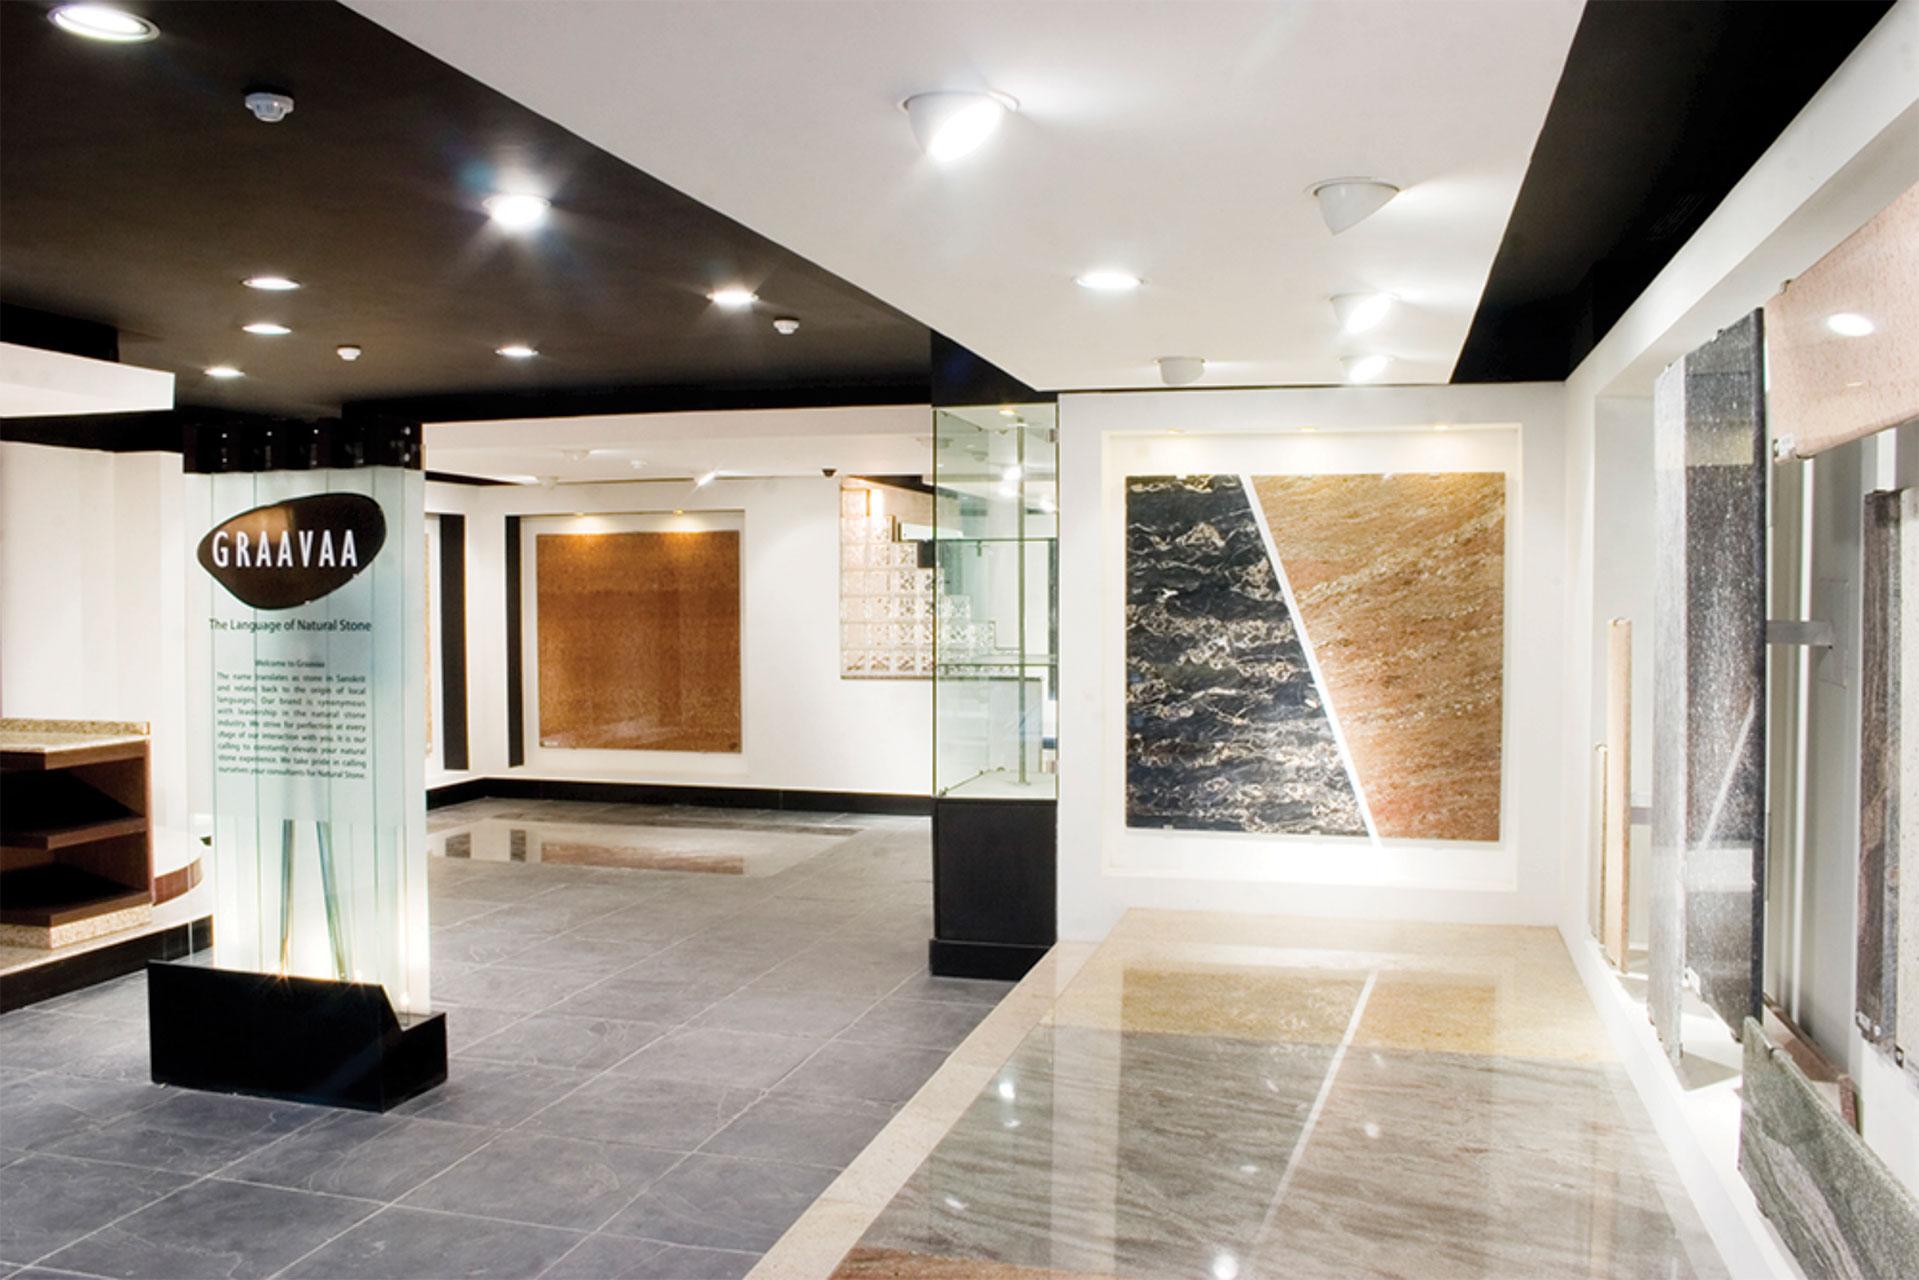 photoshoot-graavaa-showroom-11